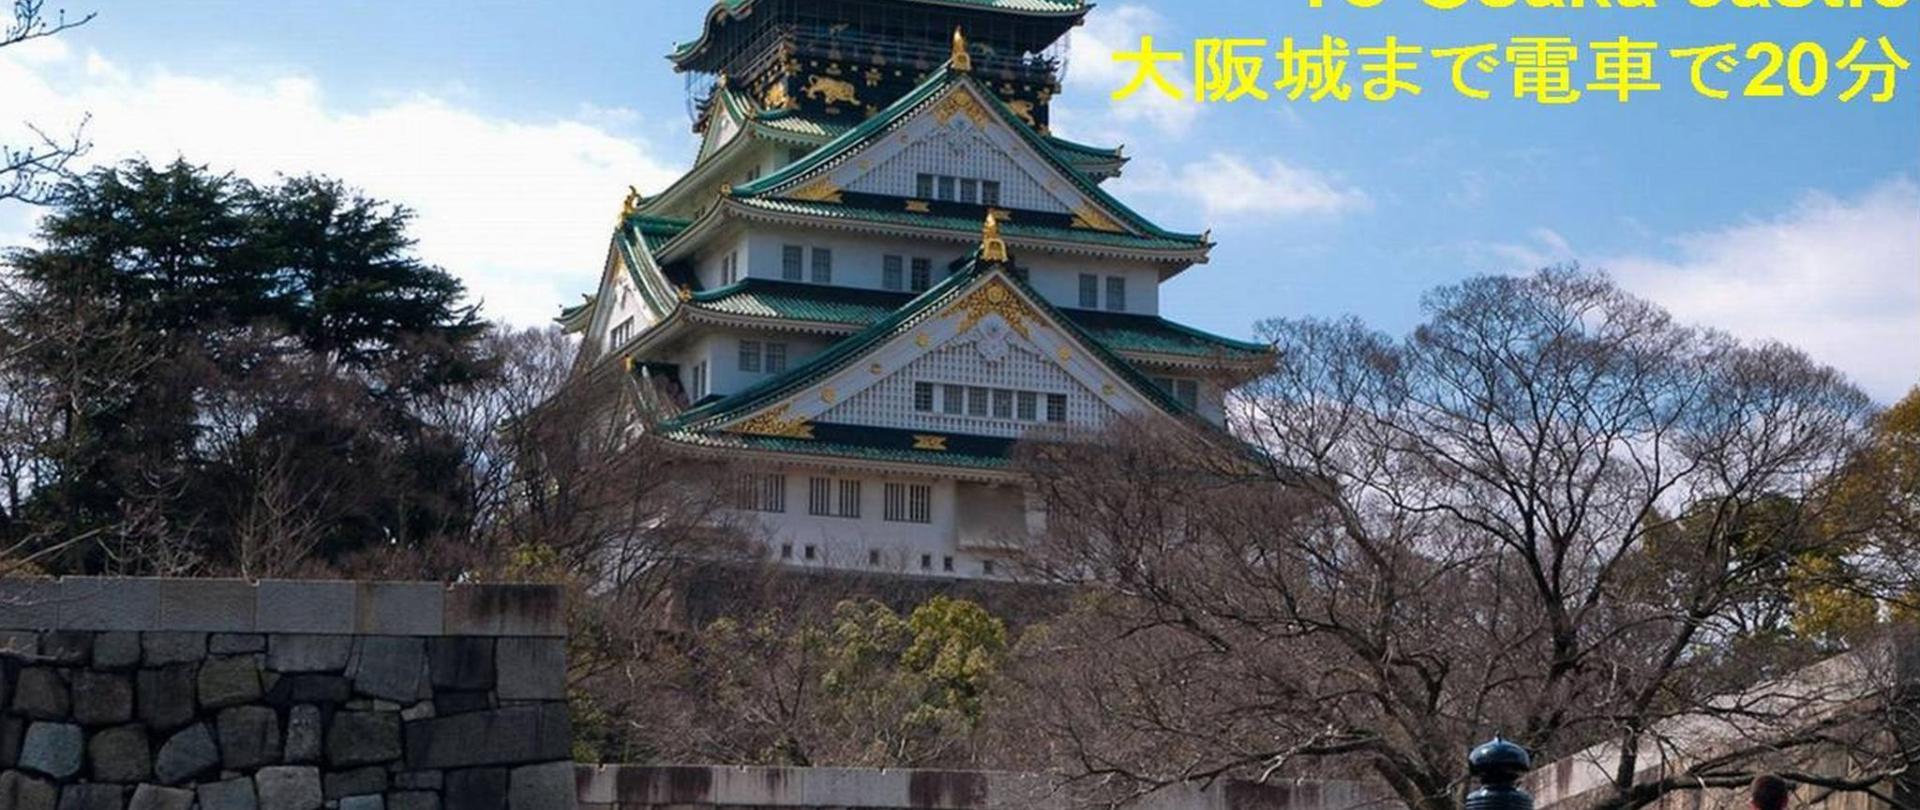 6-7.アクセス 大阪城.jpg